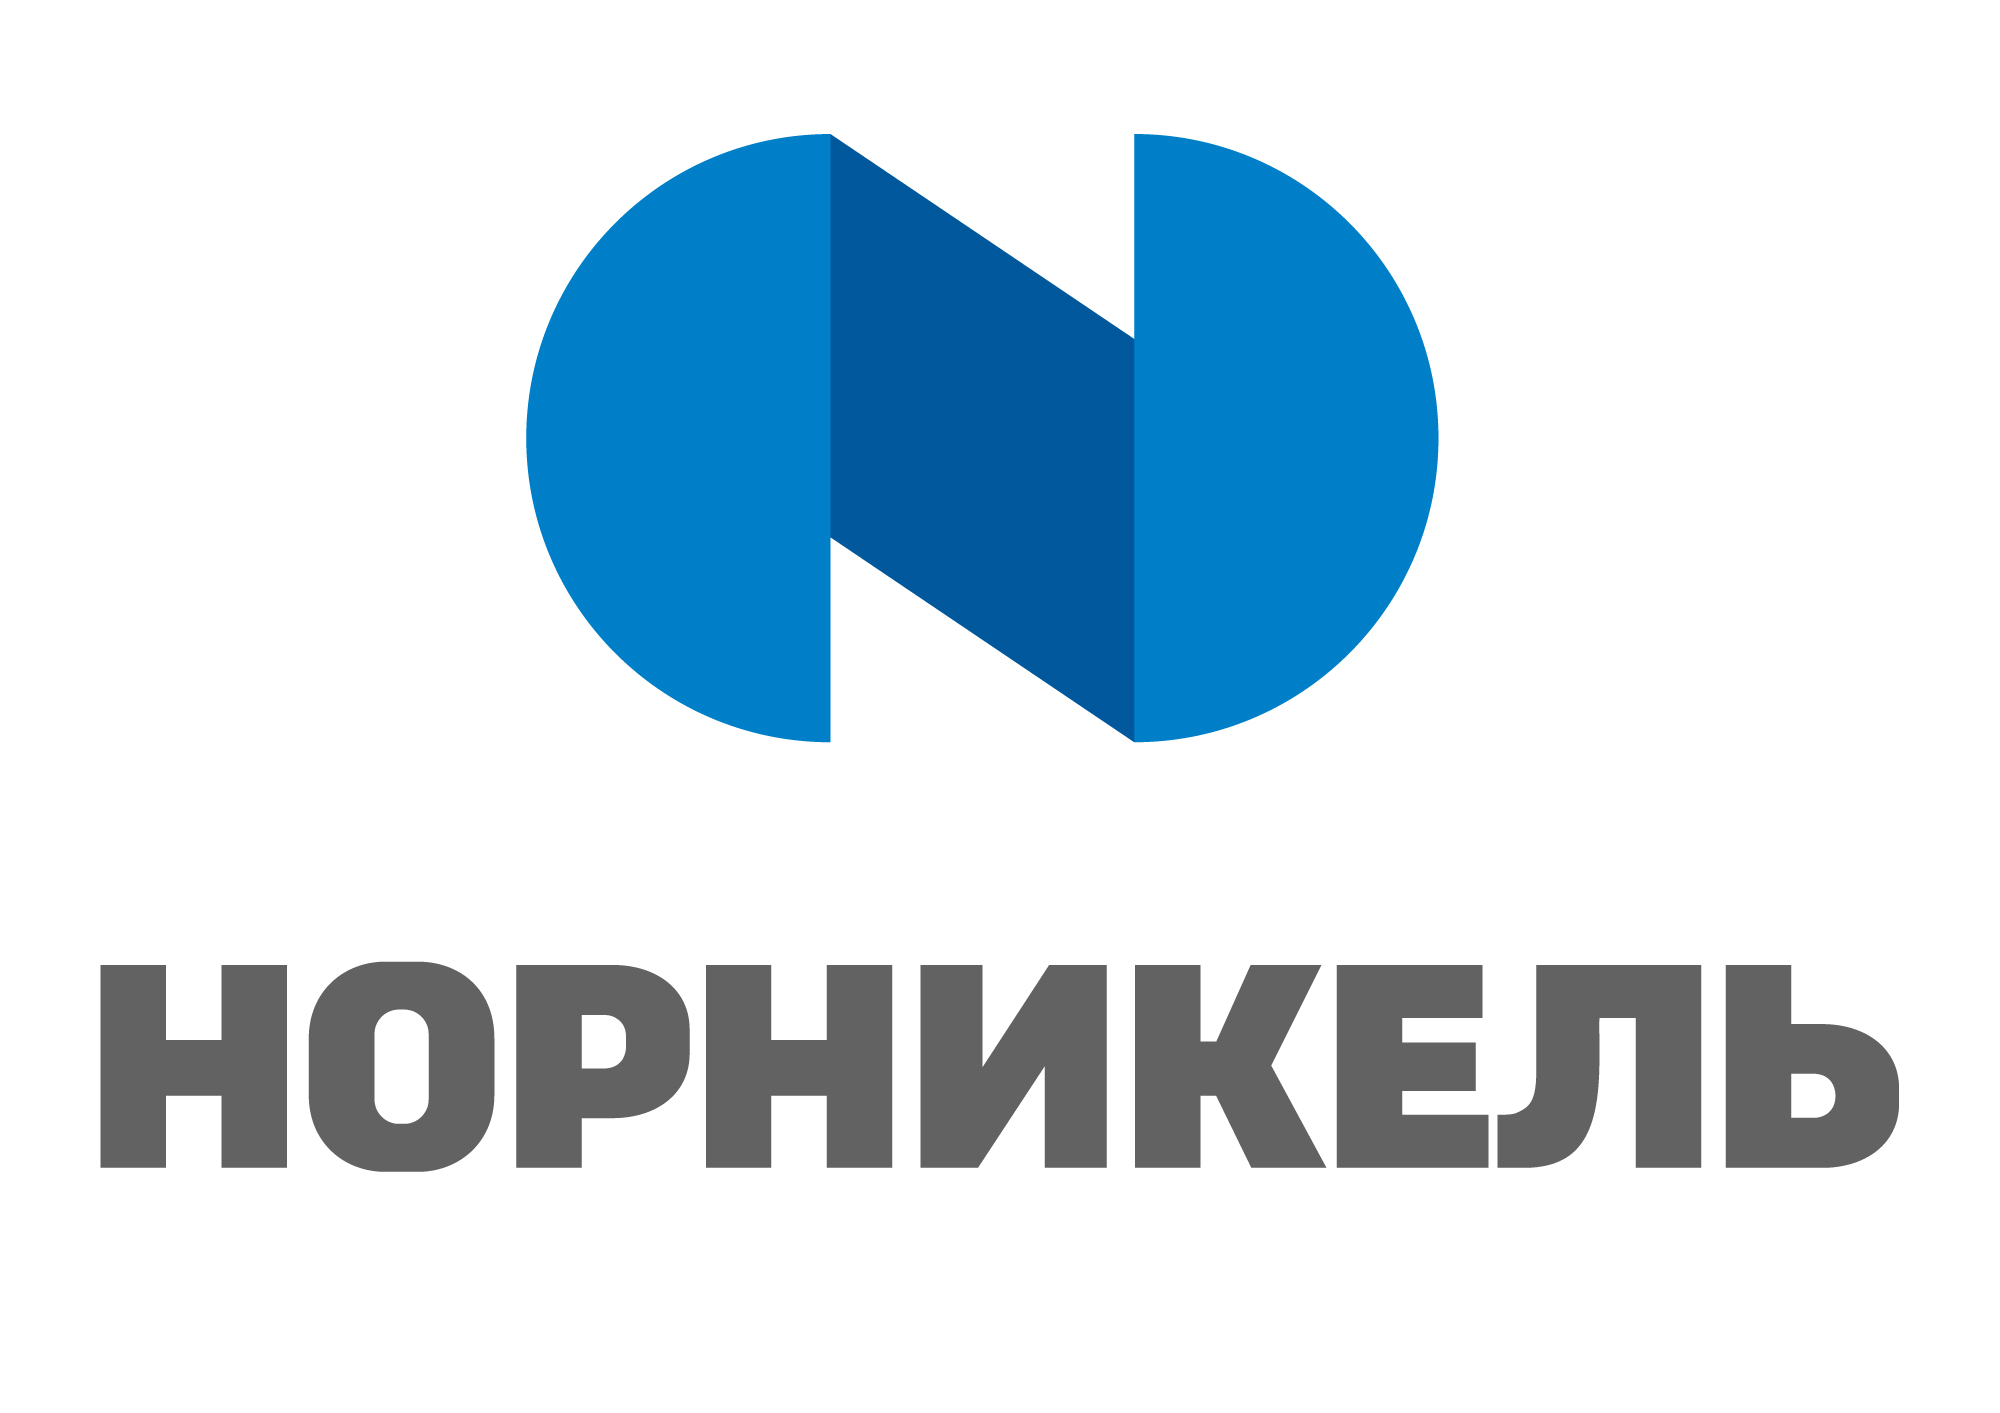 С 25 по 28 сентября  состоится бизнес-миссия в г. Норильск  на предприятие ПАО «ГМК «Норильский никель»